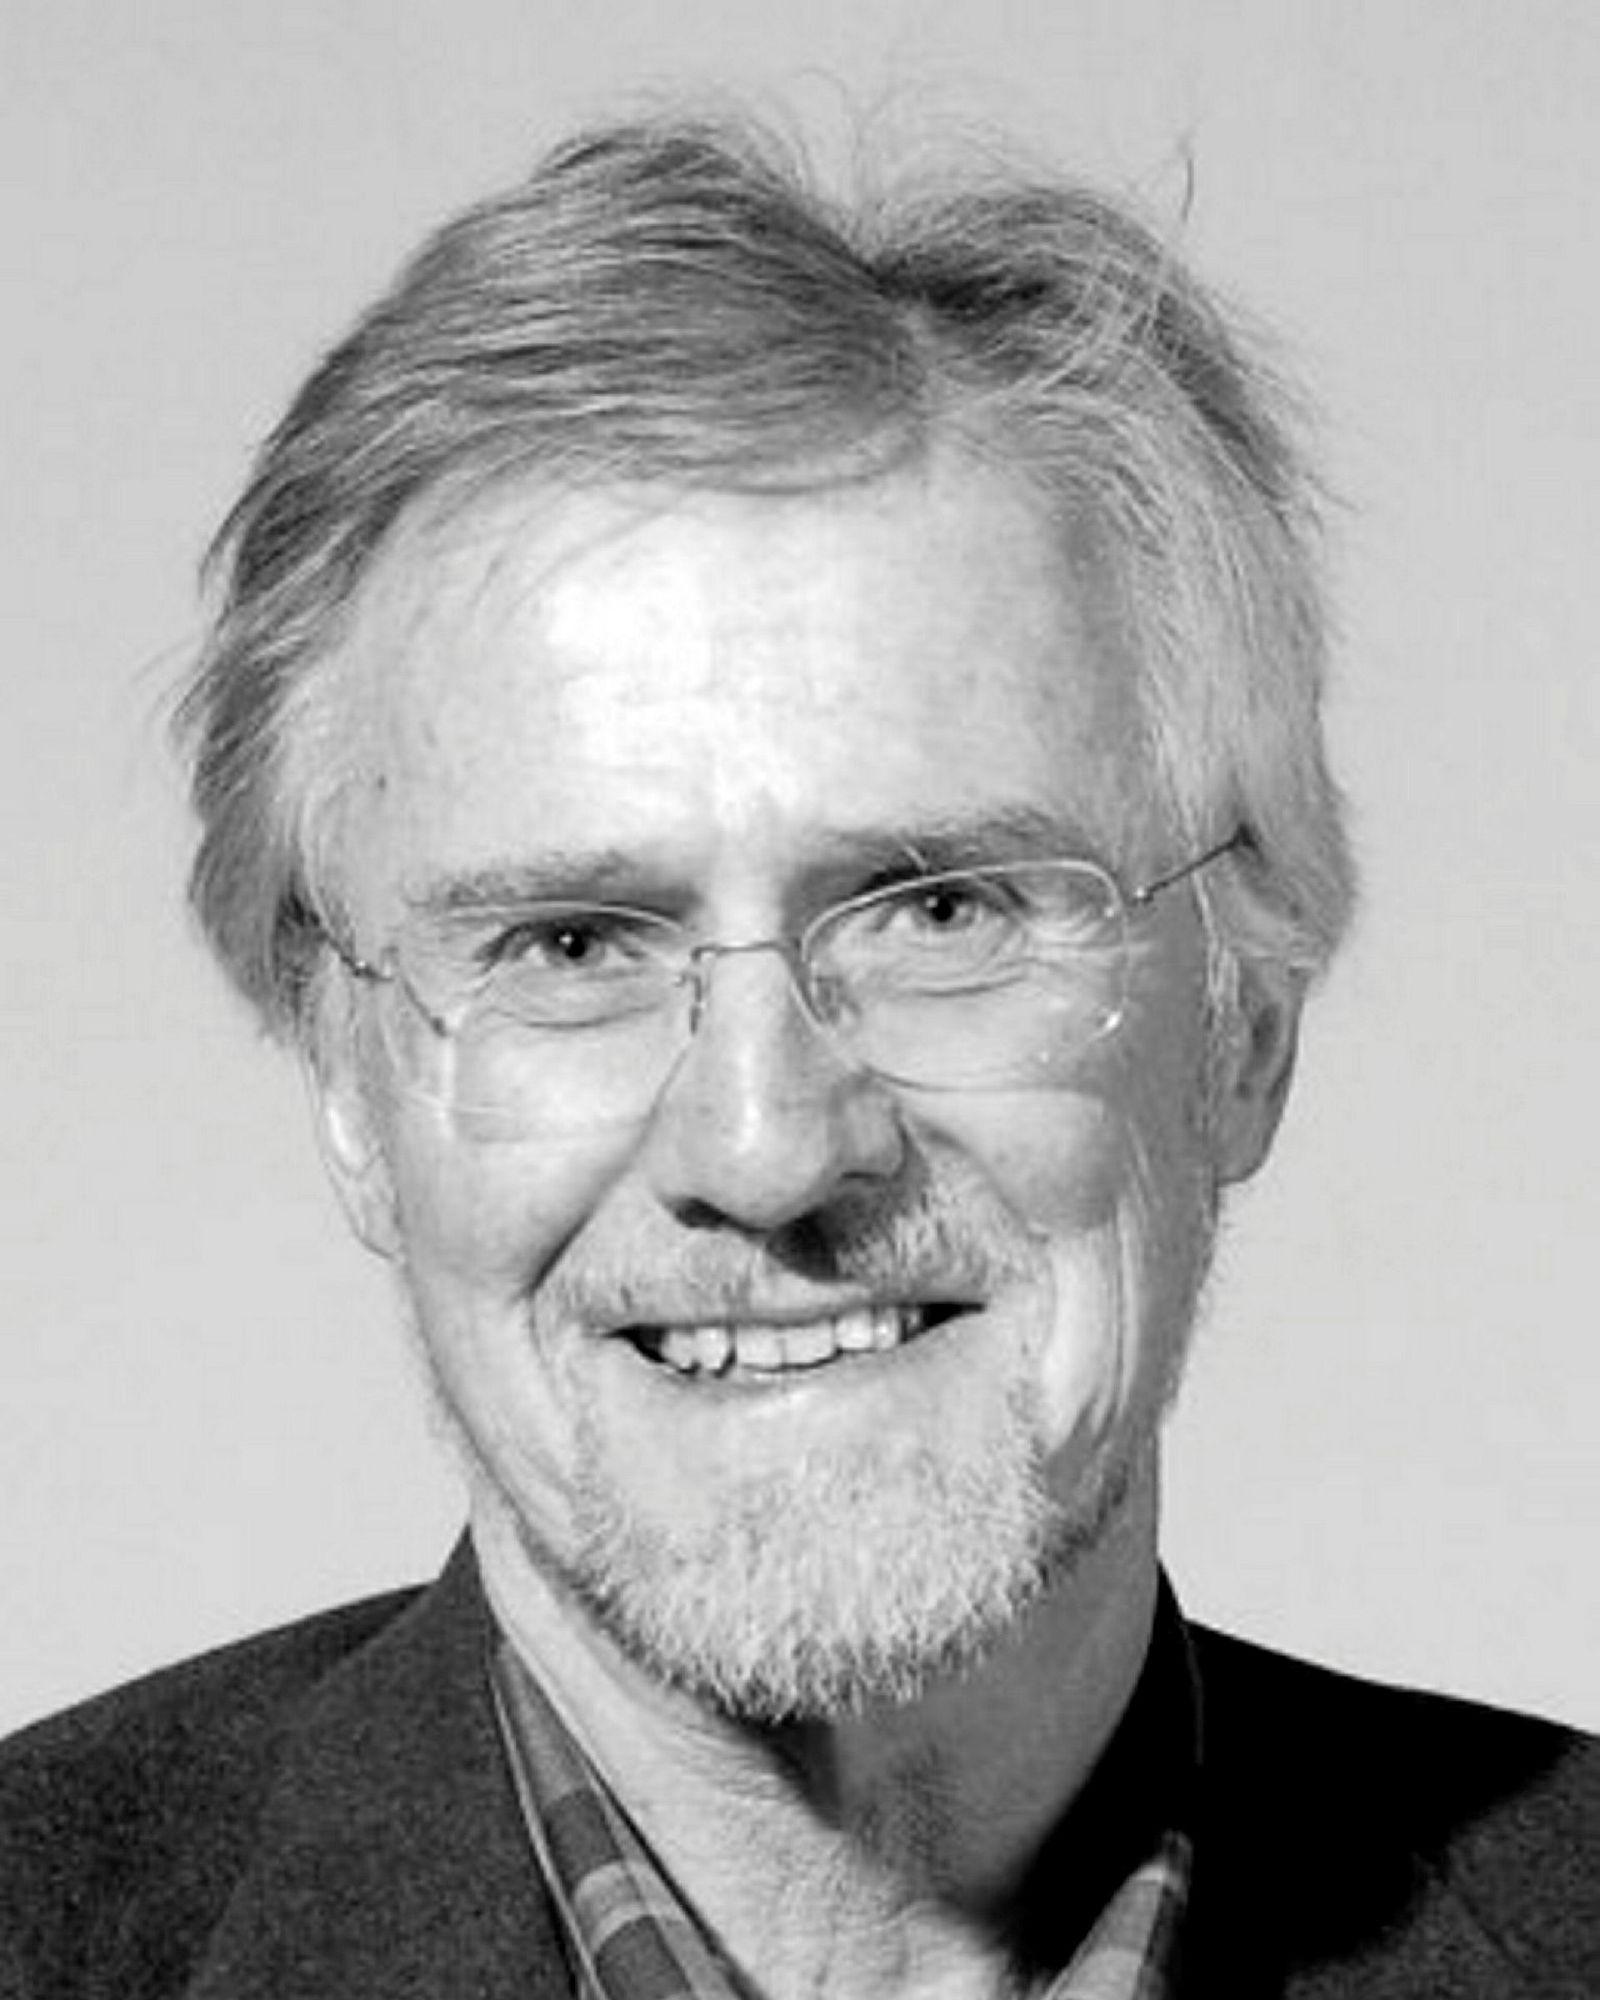 Gudmund Hernes, forsker ved Fafo, professor II ved Handelshøyskolen BI, statsråd i Kirke-, utdannings- og forskningsdepartementet i 1990 til 1995.